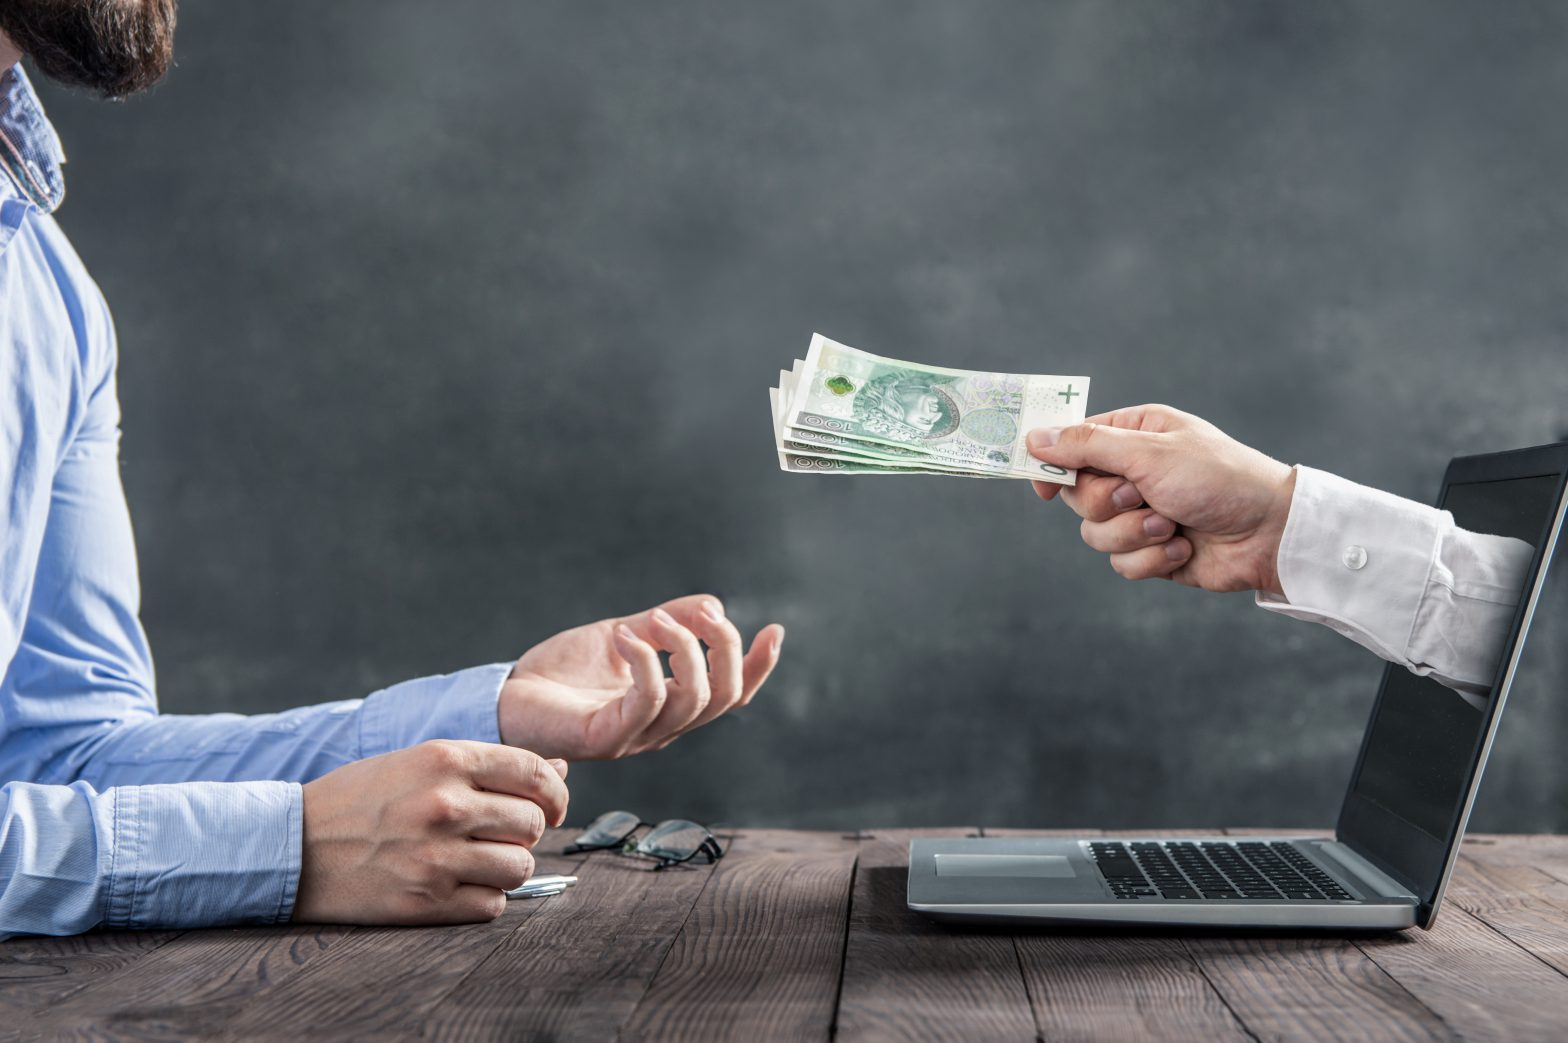 Bierzesz kredyt gotówkowy? Zadbaj o swoją zdolność kredytową